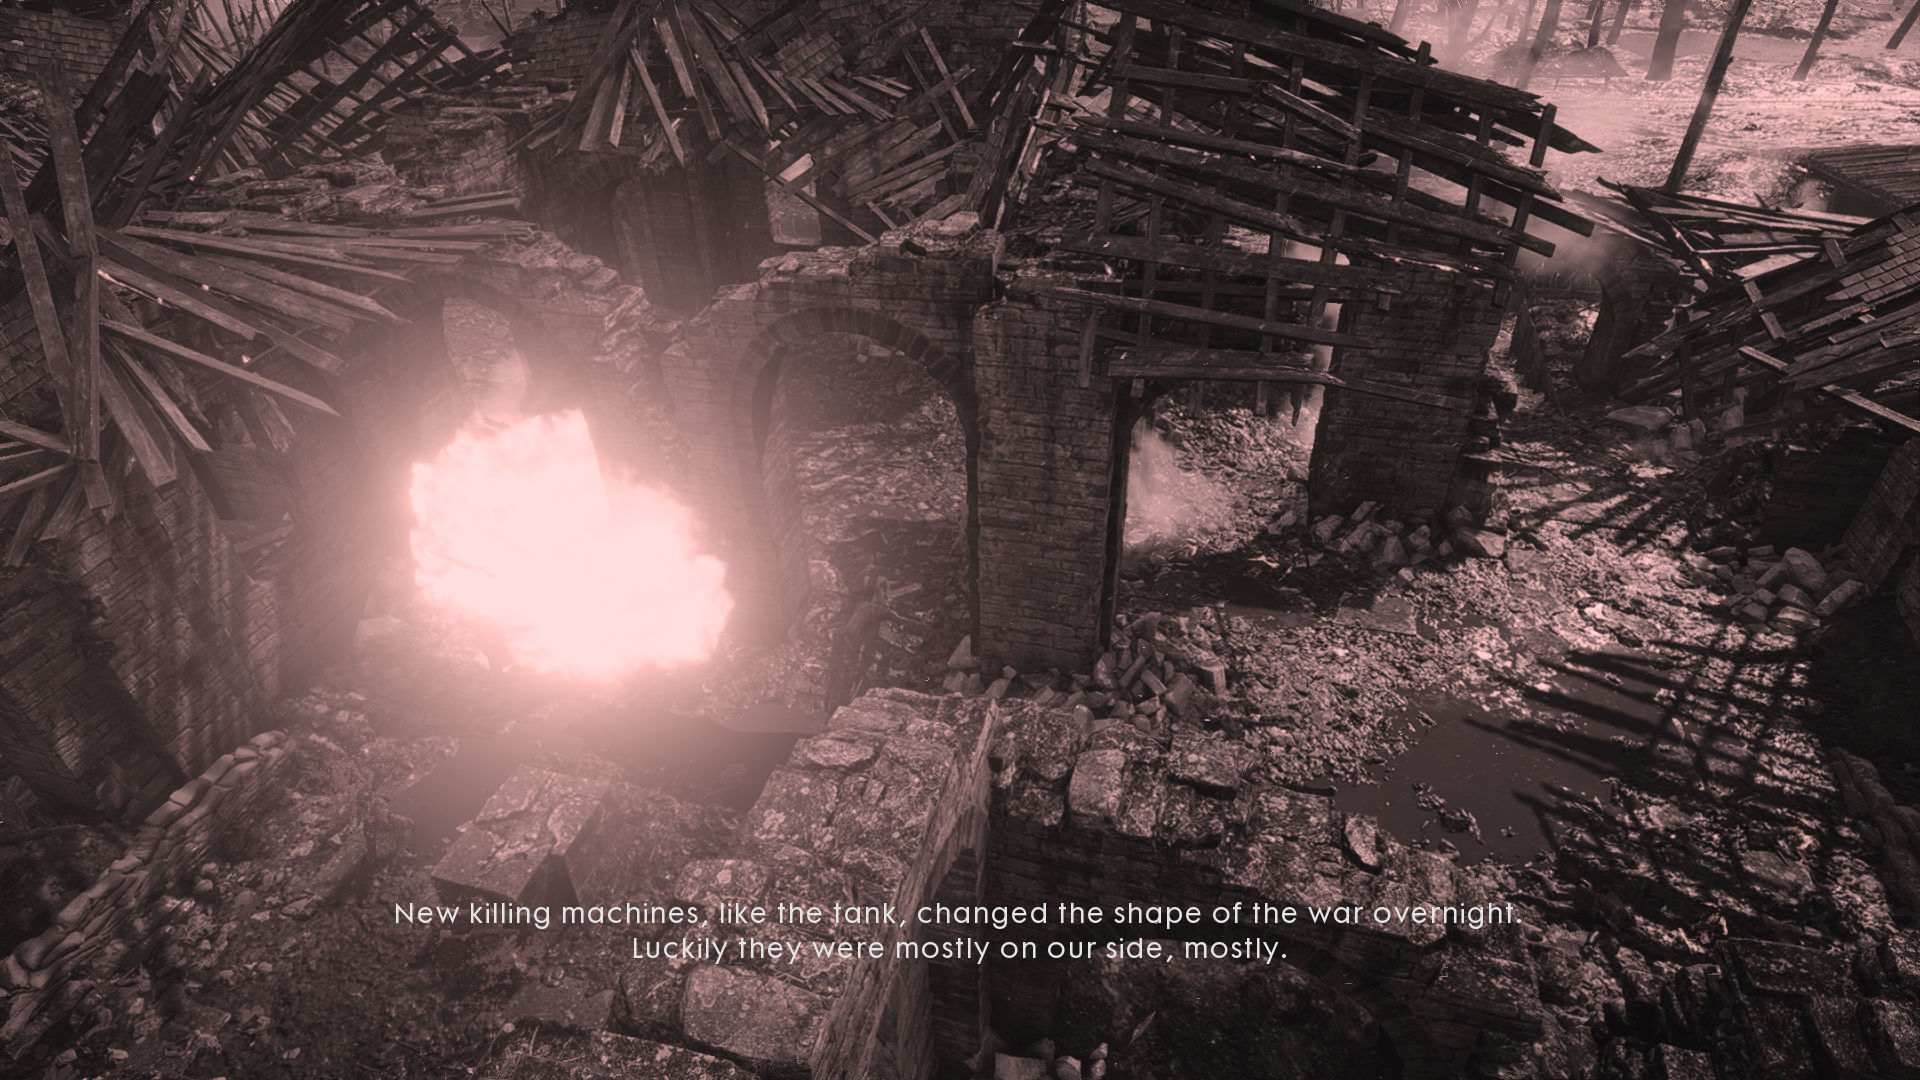 수정됨_Battlefield 1 2016.10.13 - 19.19.28.08.jpg